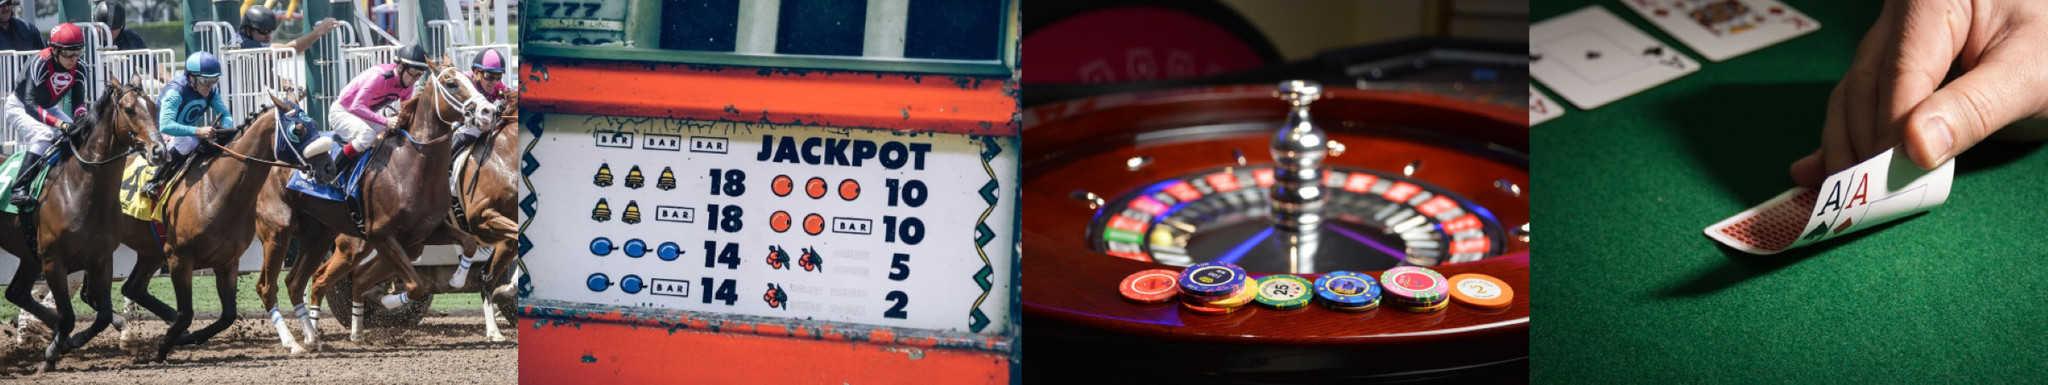 gambling collage